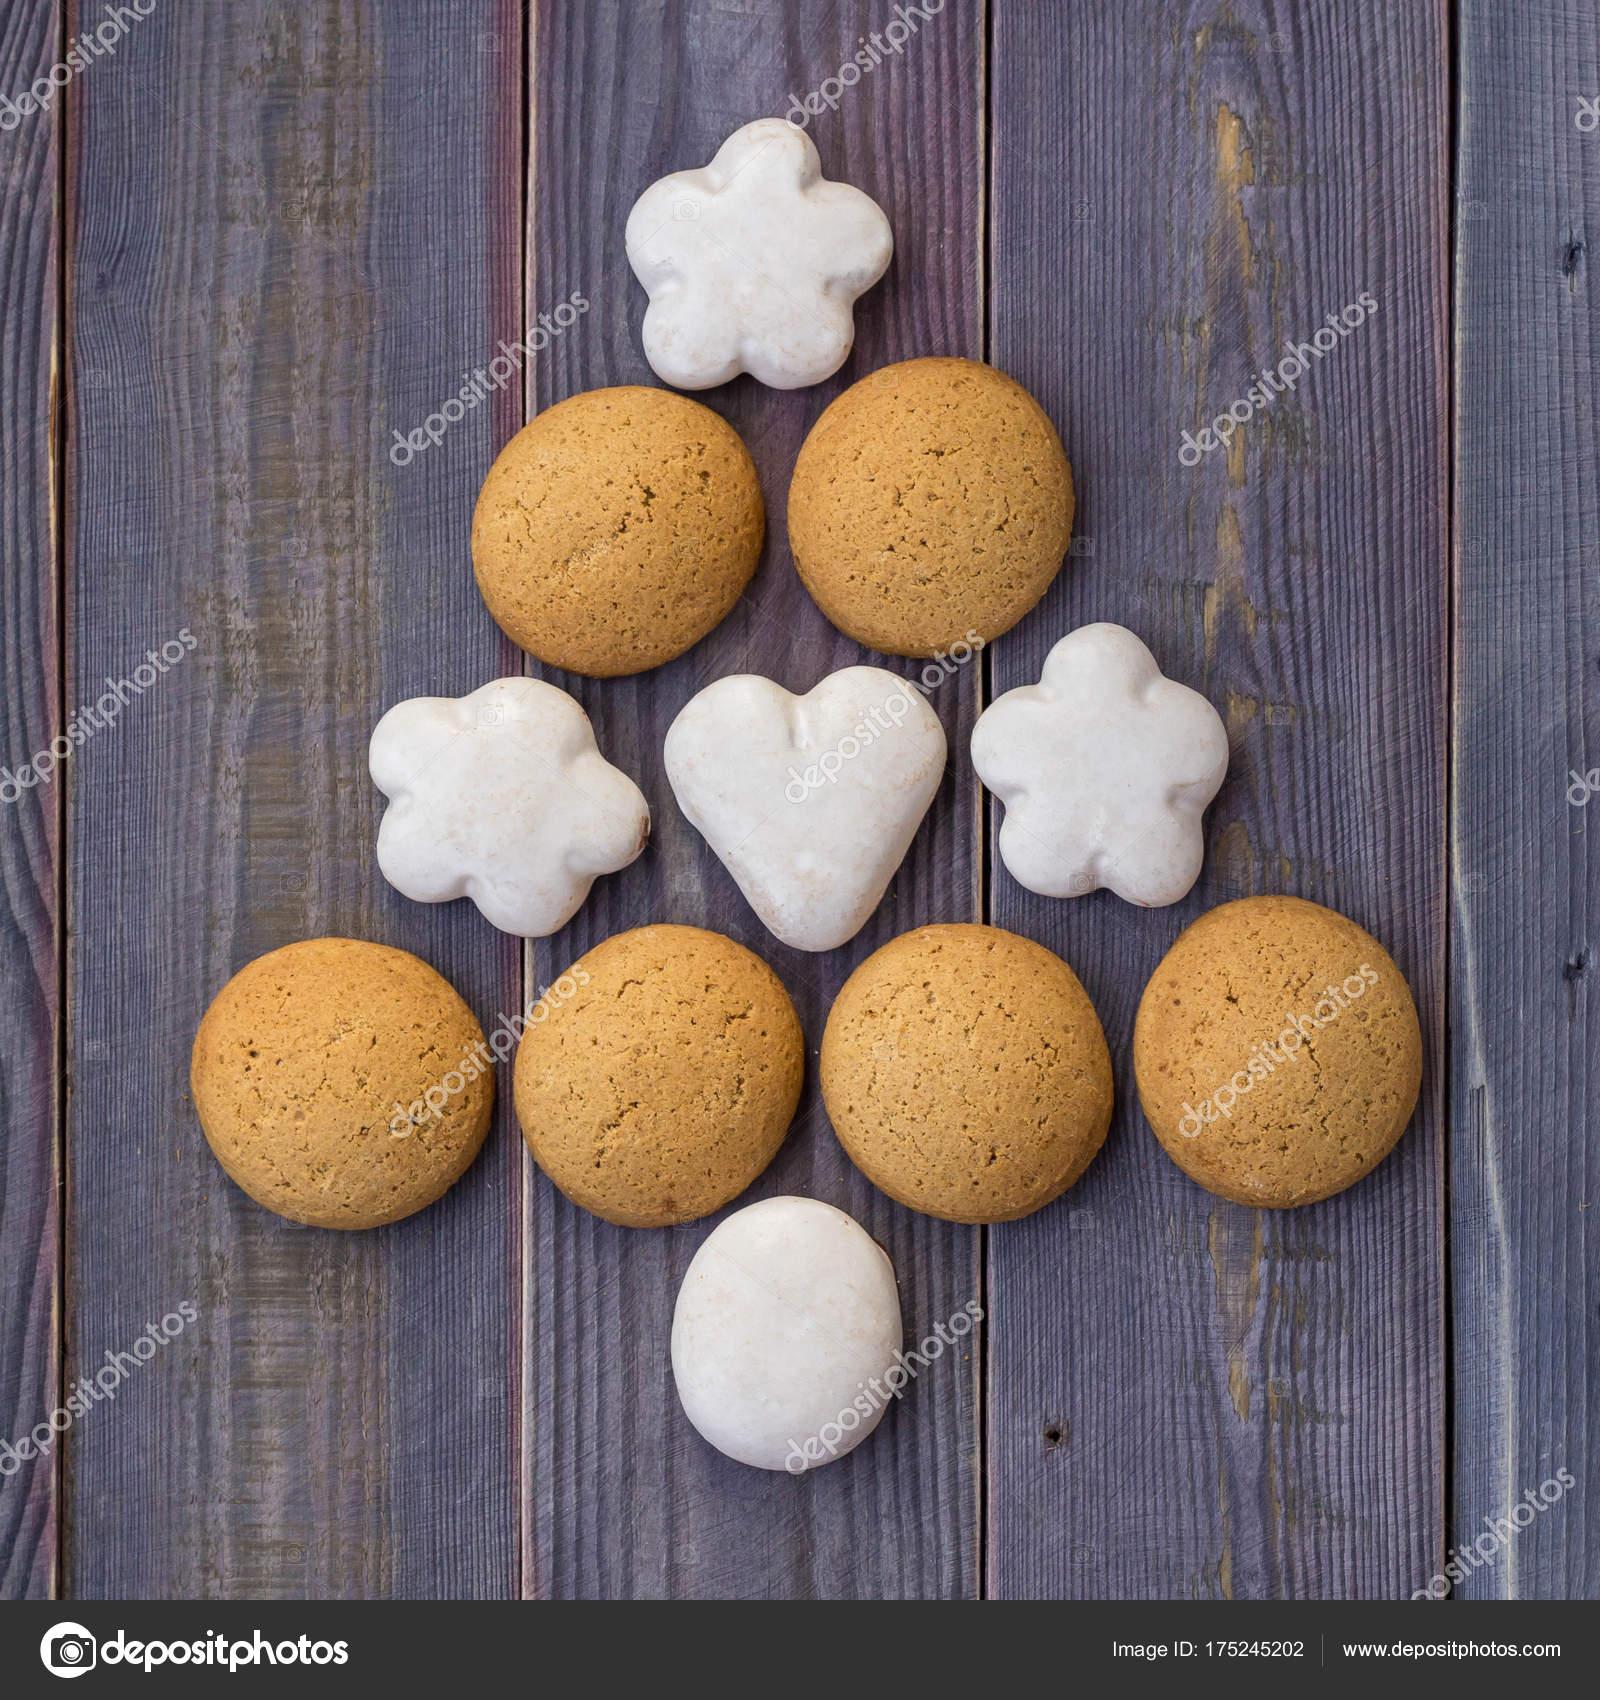 Albero Di Natale Fatto Con I Biscotti.Albero Di Natale O Capodanno Fatto Di Biscotti Foto Stock